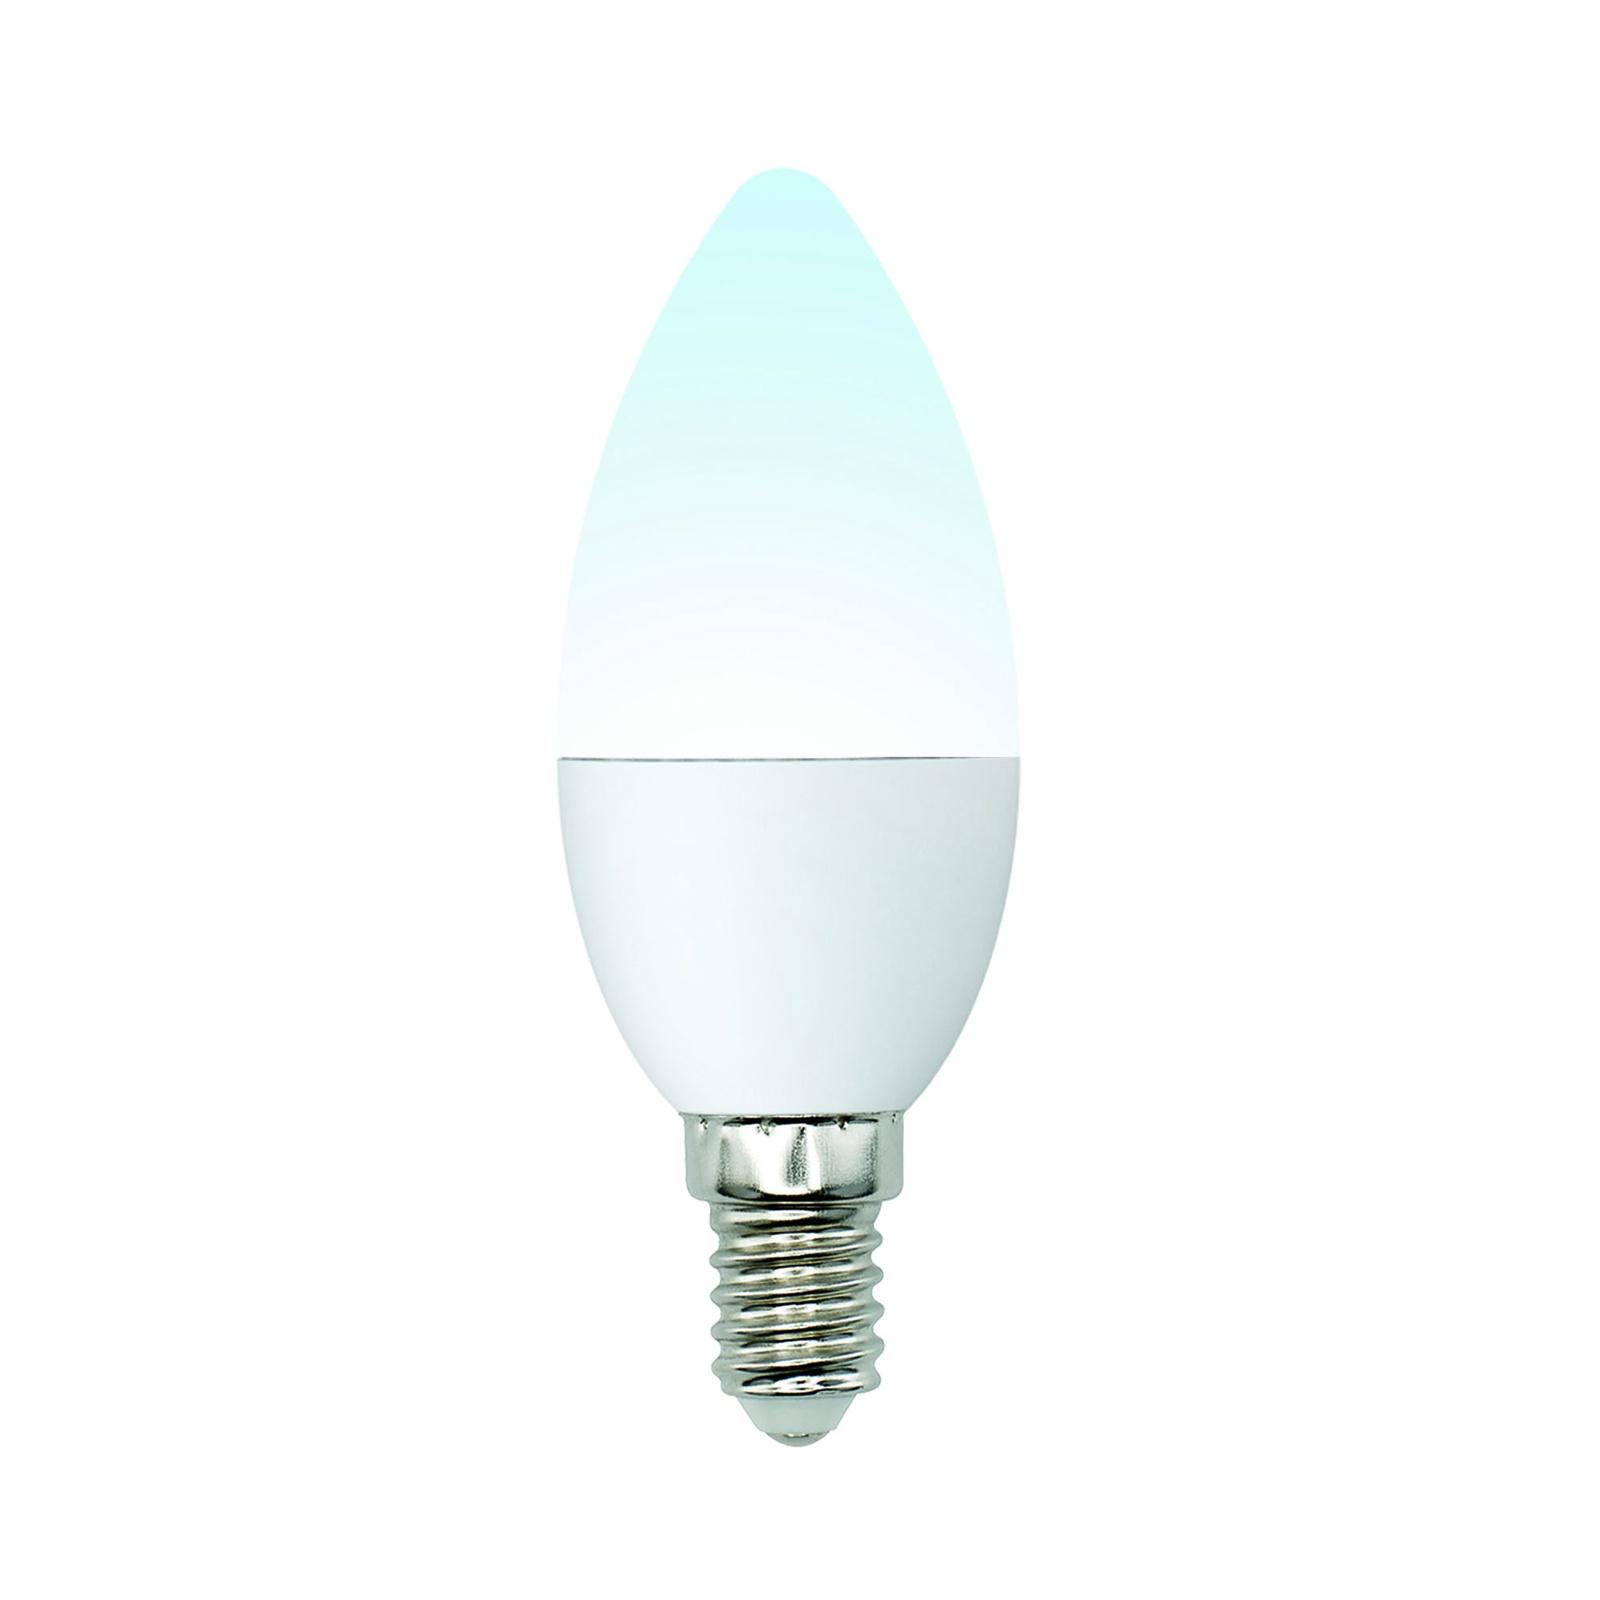 Лампочка Uniel LED-C37-6W/NW/E14/FR/MB 4000K, Нейтральный свет 6 Вт, Светодиодная